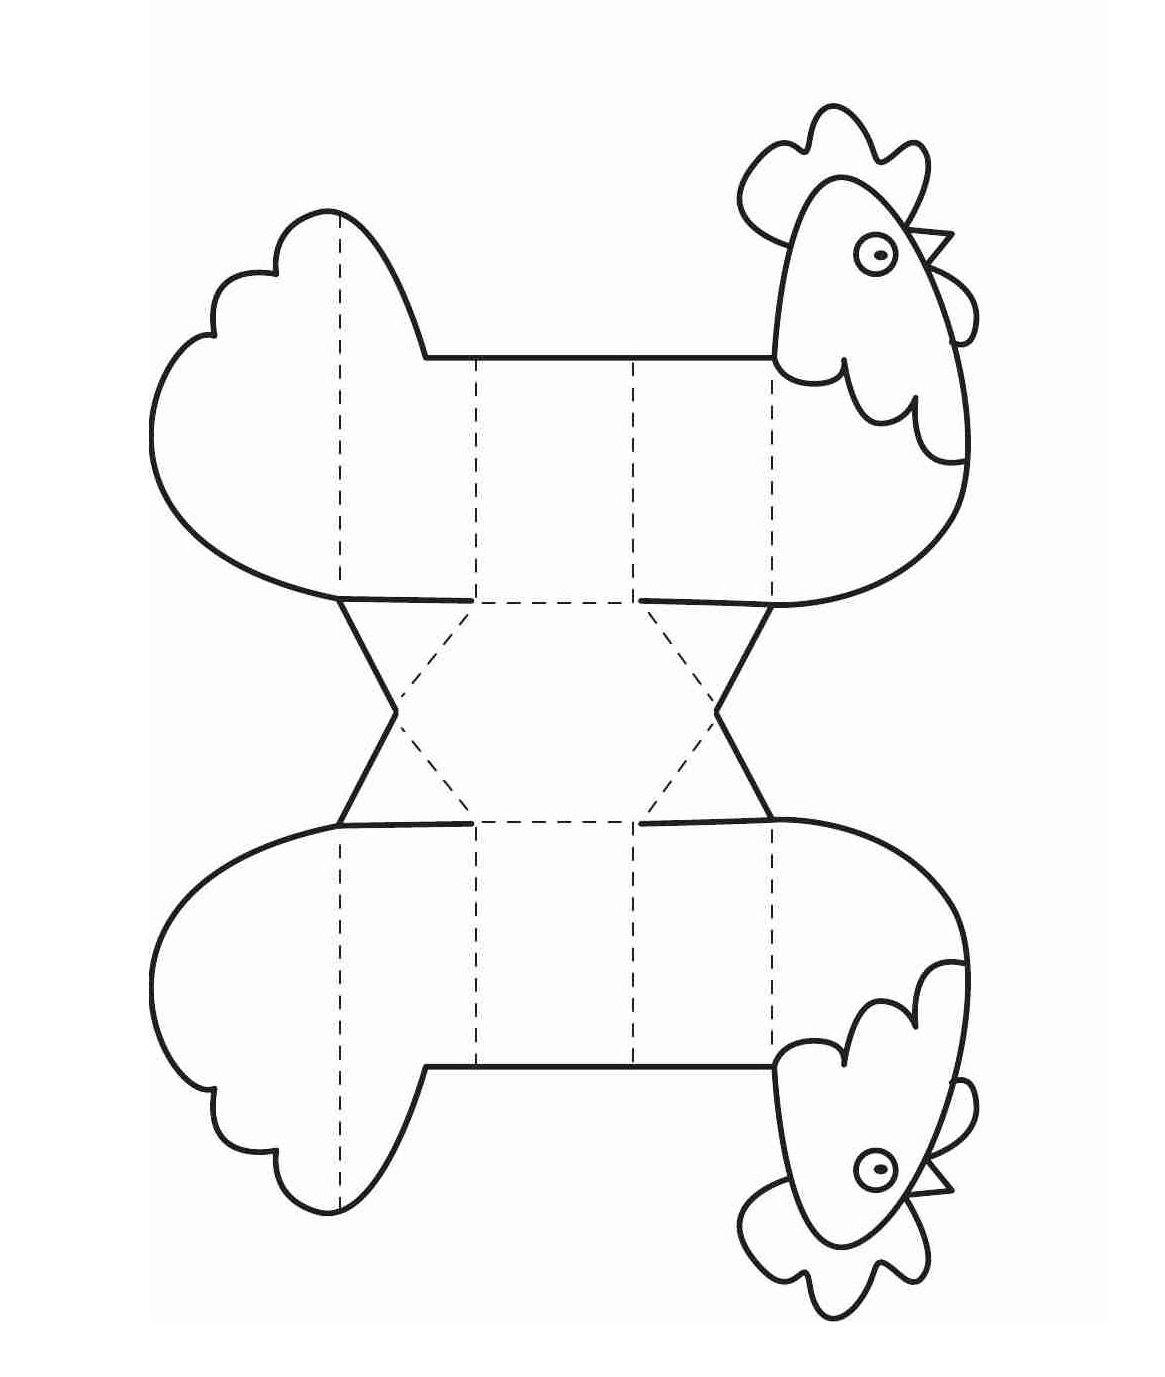 Gallina Recortable Para Colorear Manualidades Para Ninos Manualidades Manualidades Para Ninos Animales De La Granja